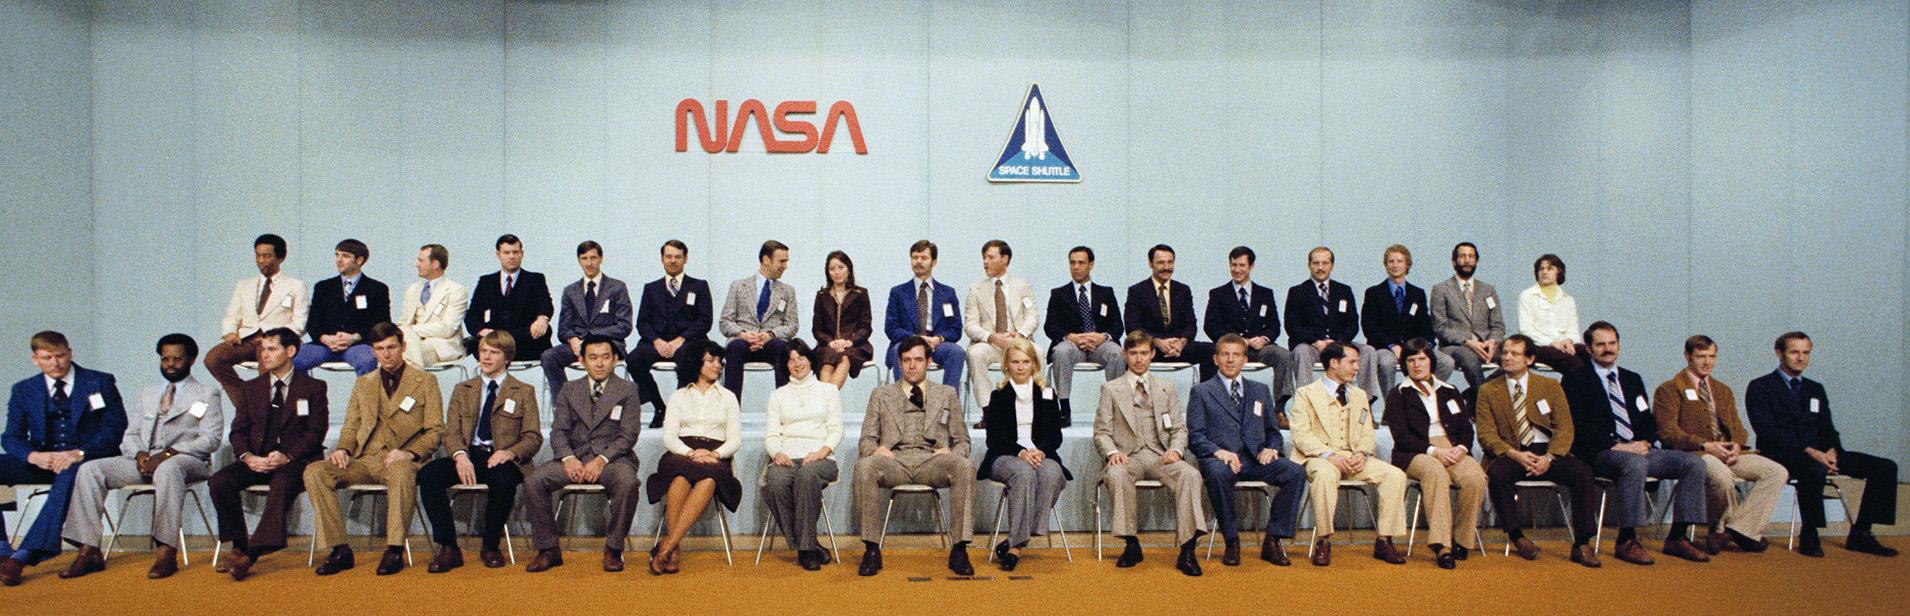 Official group portrait